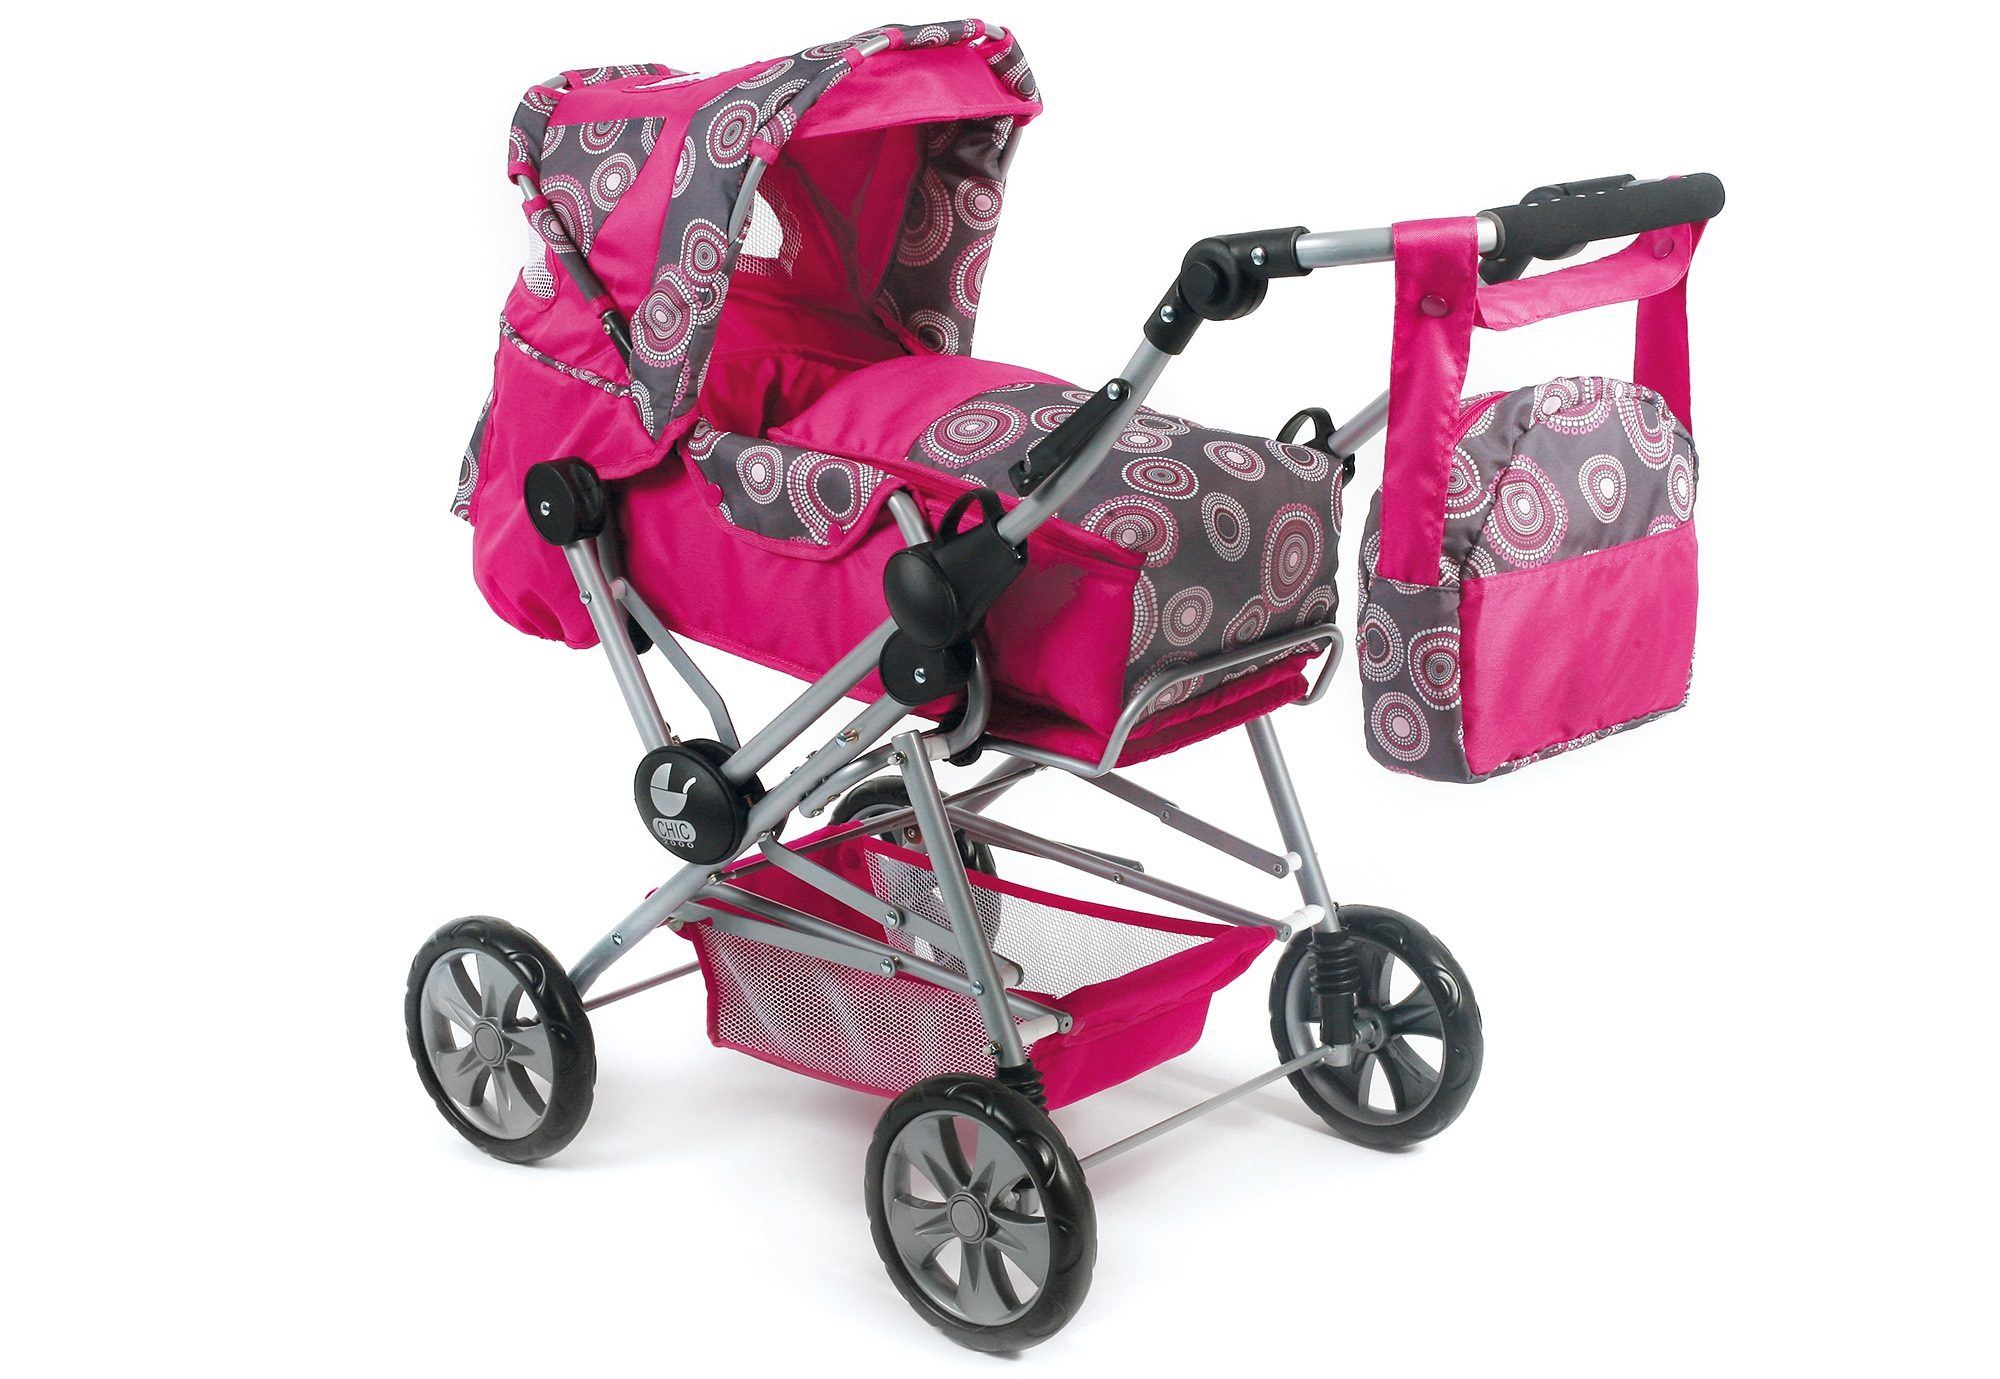 CHIC2000 Puppenwagen mit Tasche, »Road Star, Hot Pink«